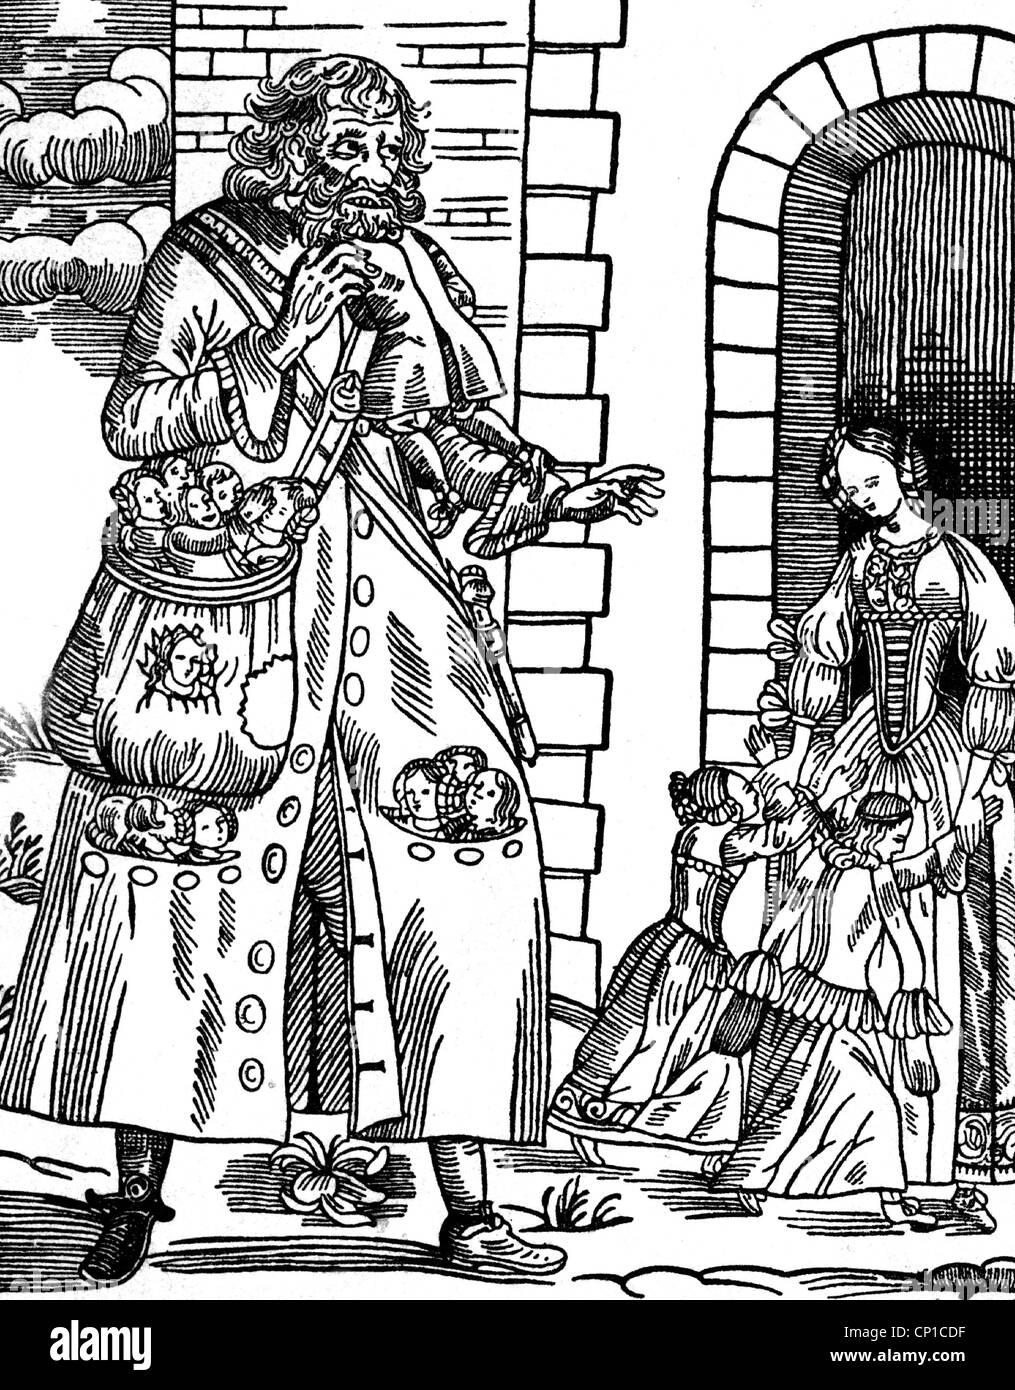 Weihnachten, Saint Nicholas, seine Begleiter Knecht Ruprecht, böse ...